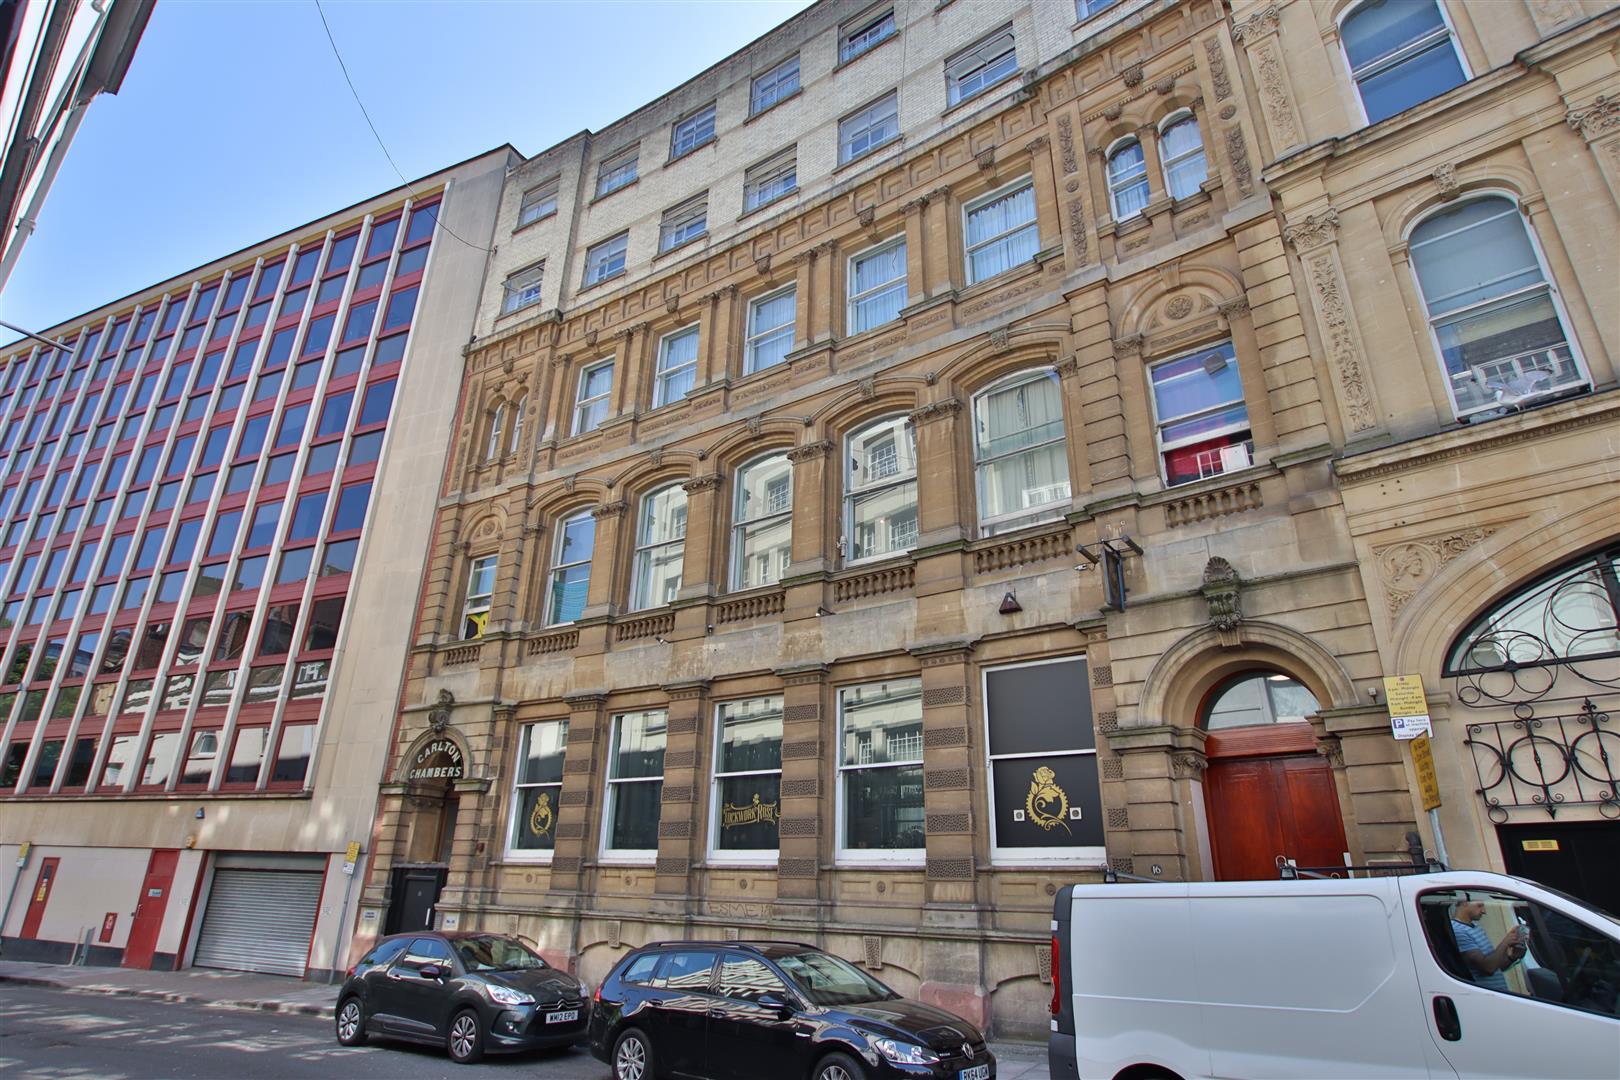 St. Stephens Street, Bristol, BS1